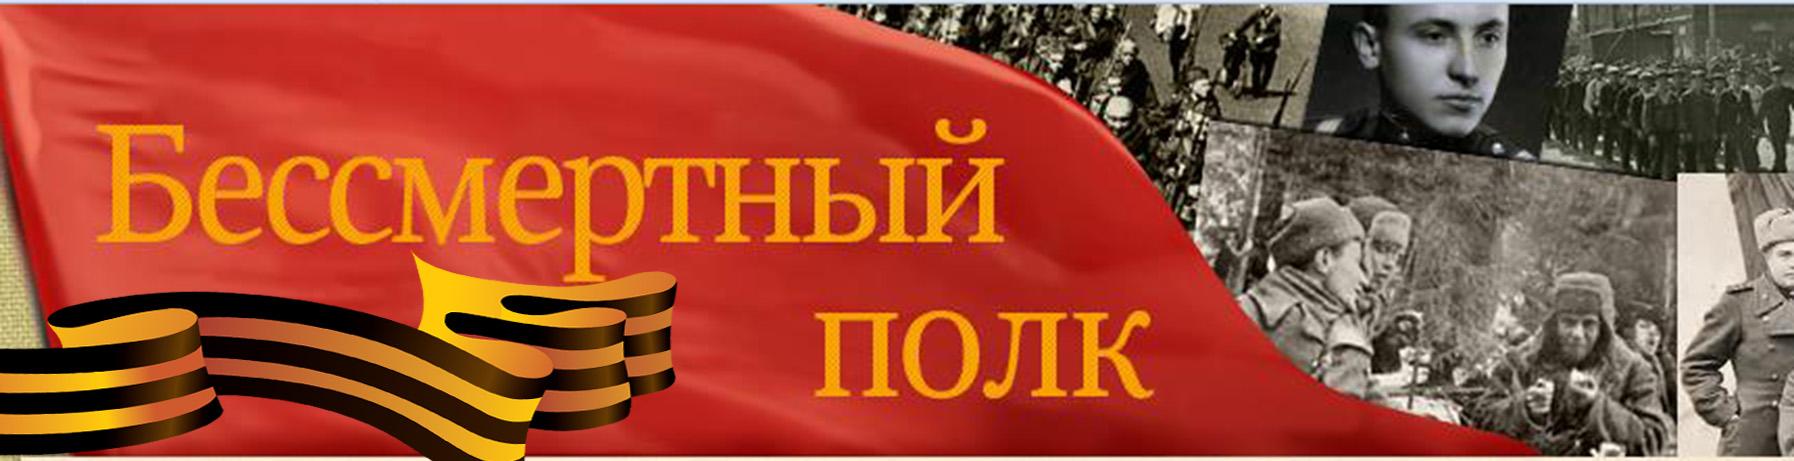 """Белоруссия отказалась от """"Бессмертного полка"""""""